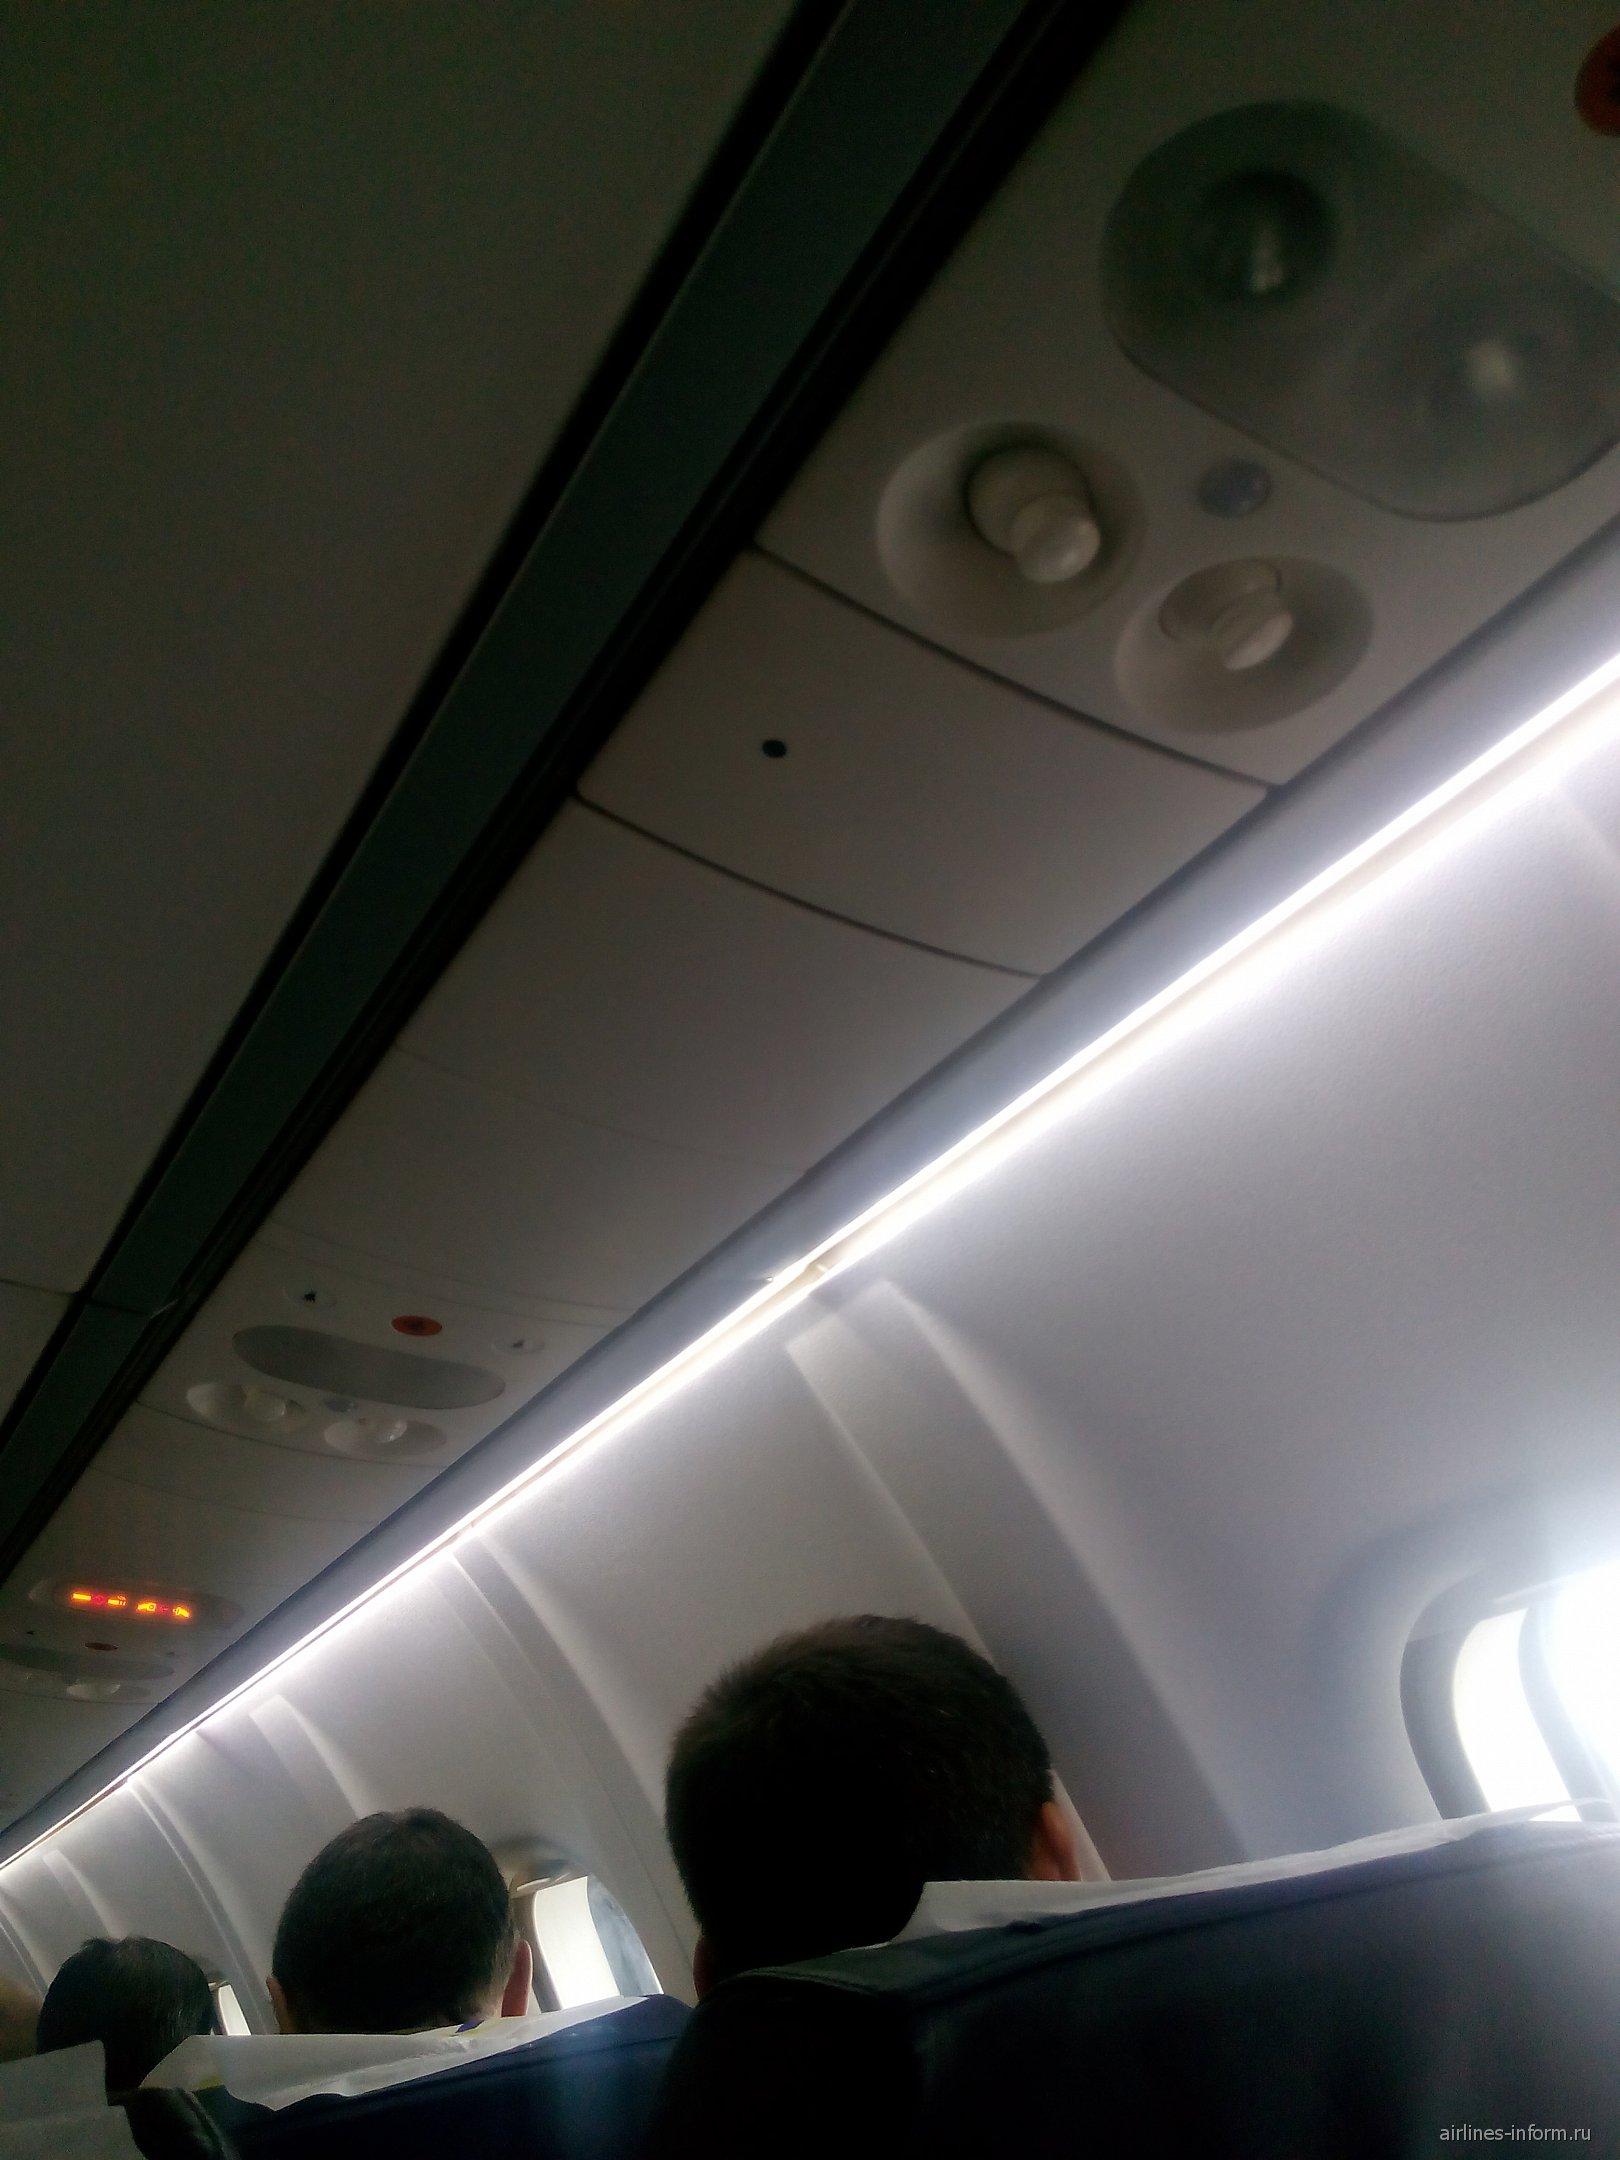 Салон самолета ATR 42 авиакомпании Нордстар